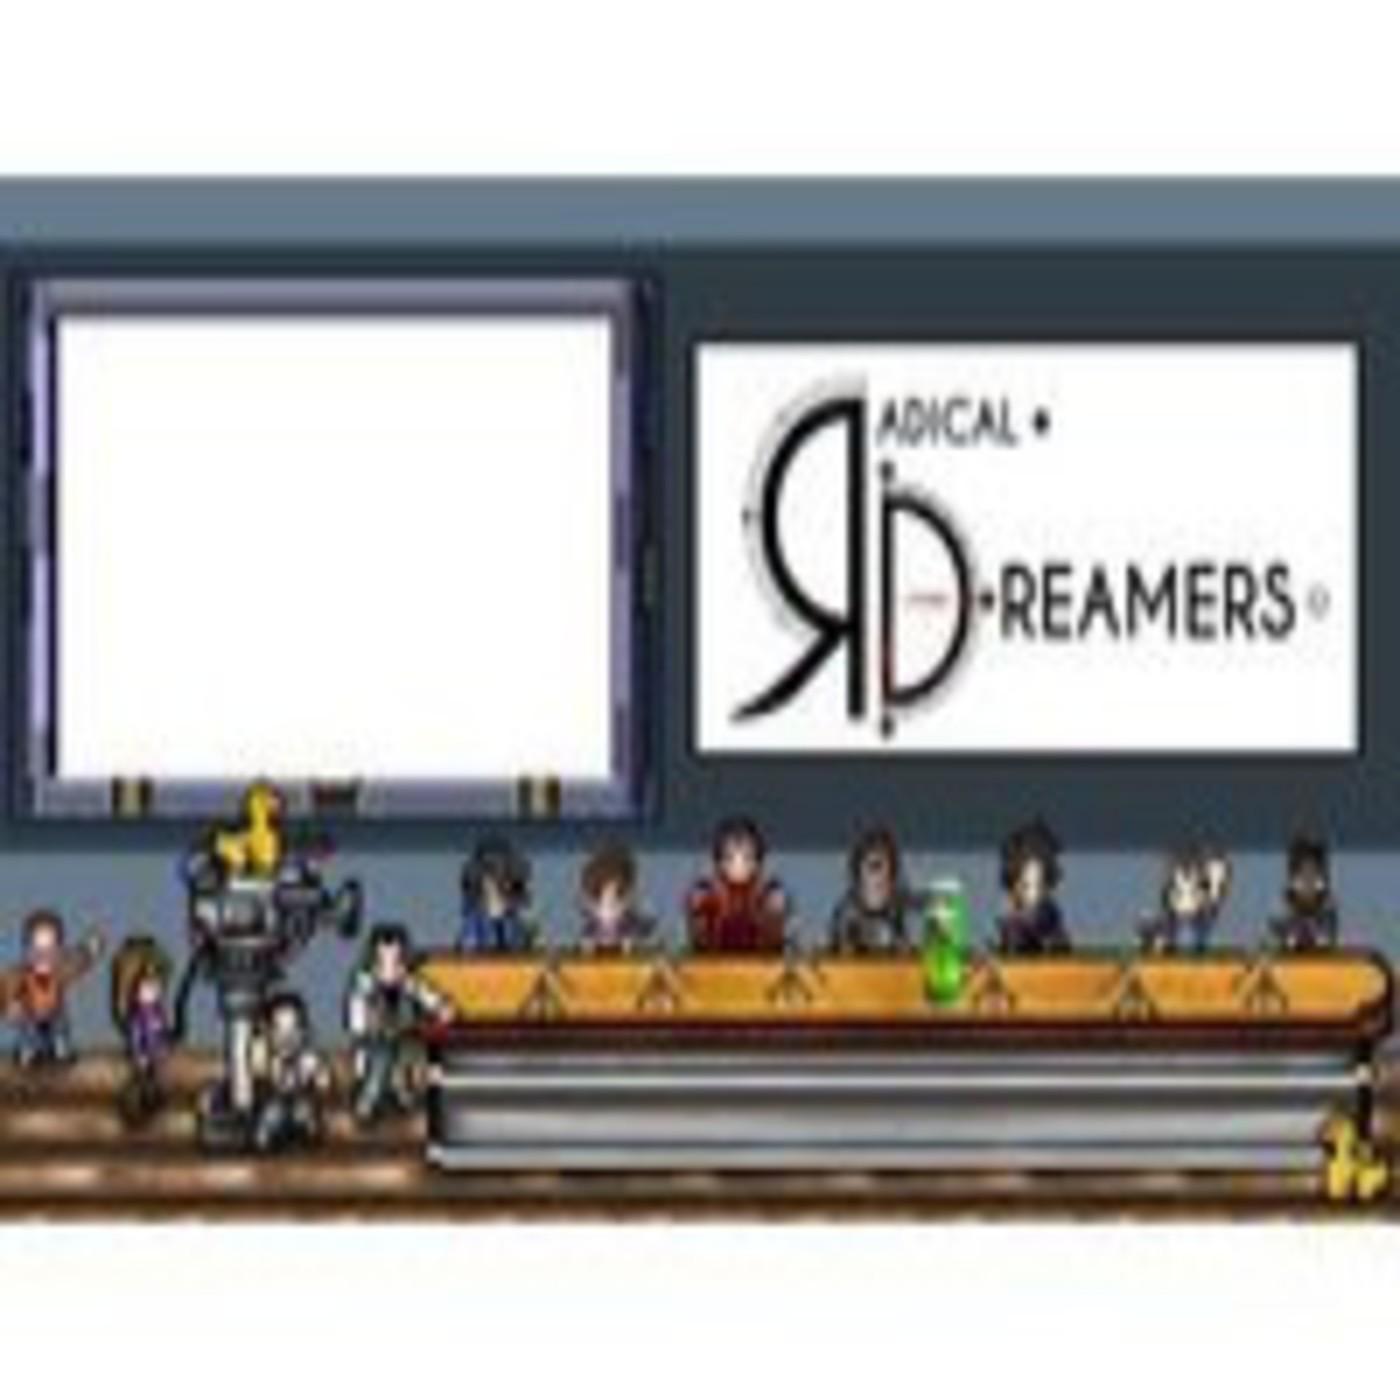 Radical Dreamers Capítulo 75: Mi primera vez (Primeros juegos, consolas y demás anécdotas del equipo Radical)